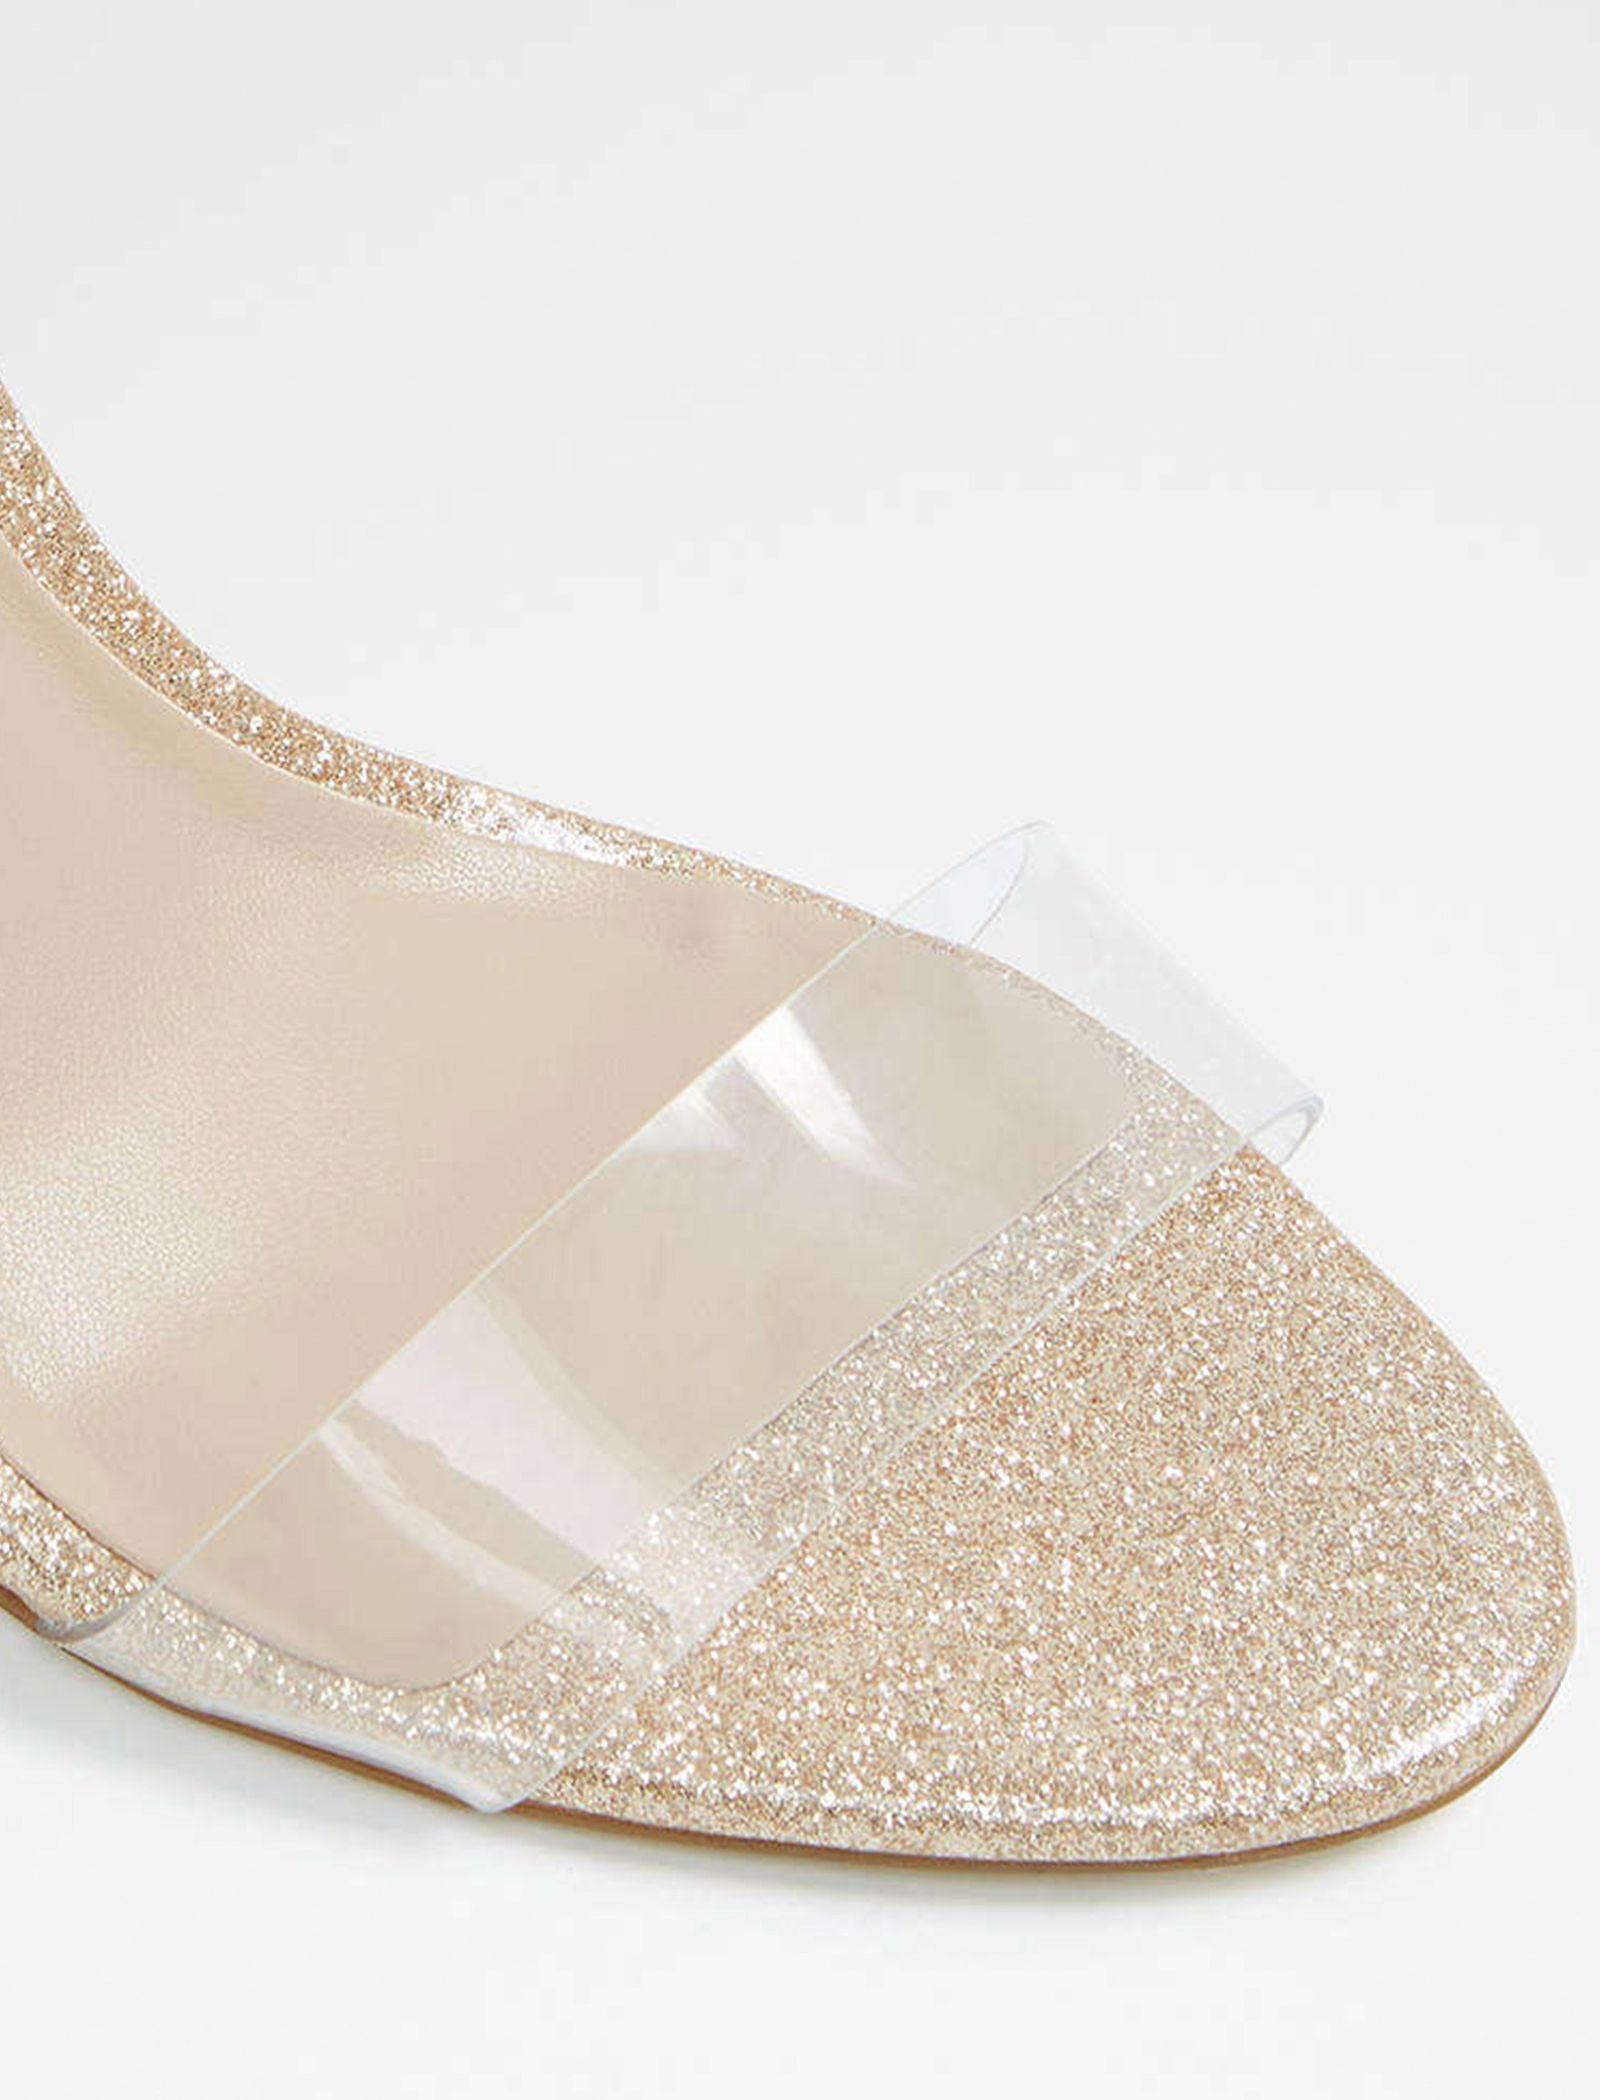 کفش پاشنه بلند زنانه - آلدو - طلايي - 4